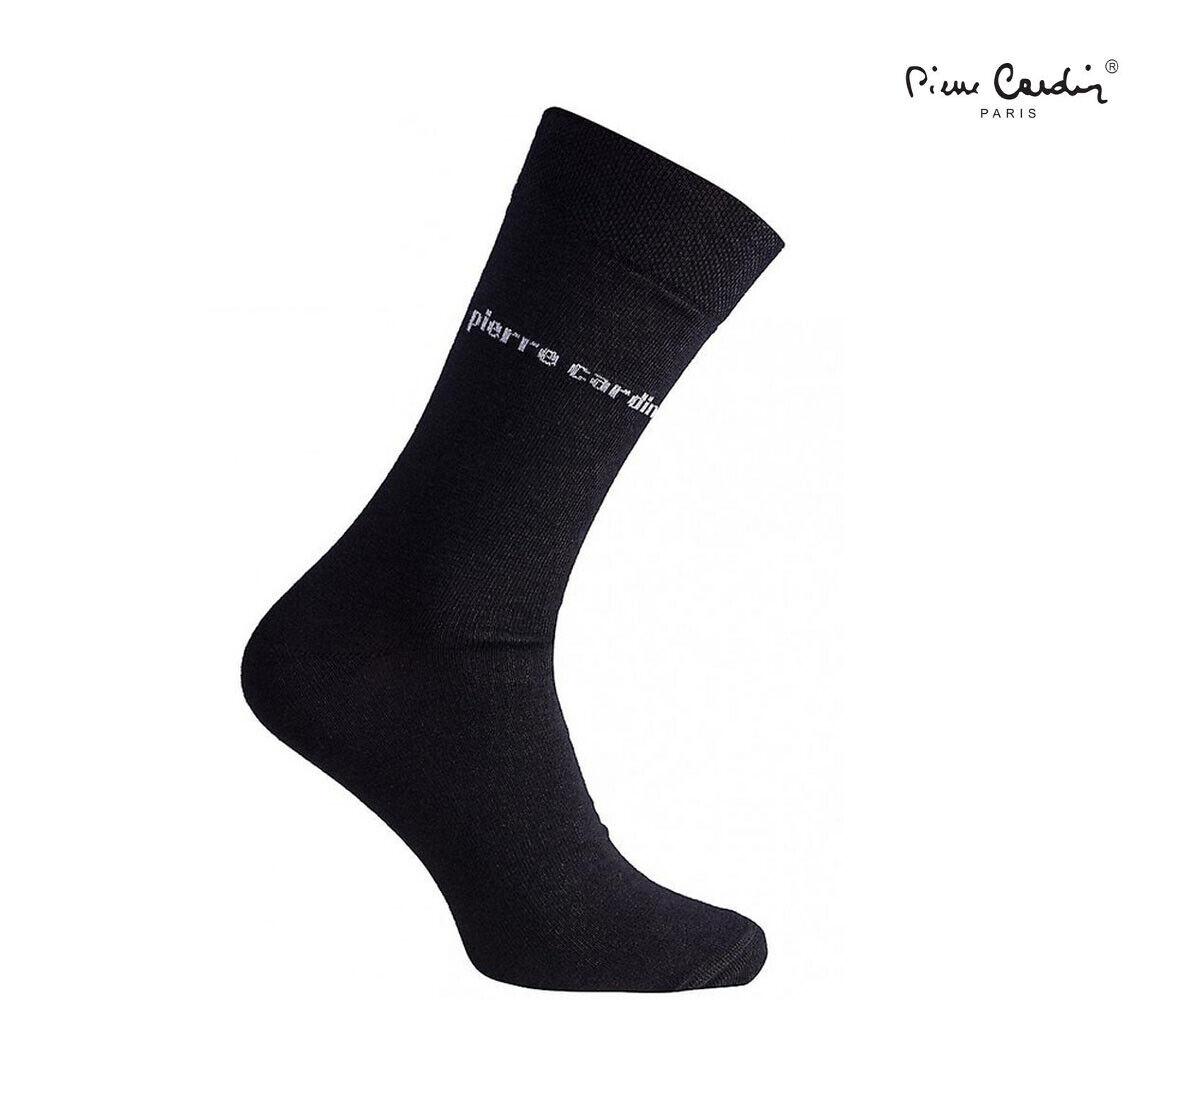 18 Paar Pierre Cardin Strümpfe Herren-Socken Baumwolle Business 39-42 43-46